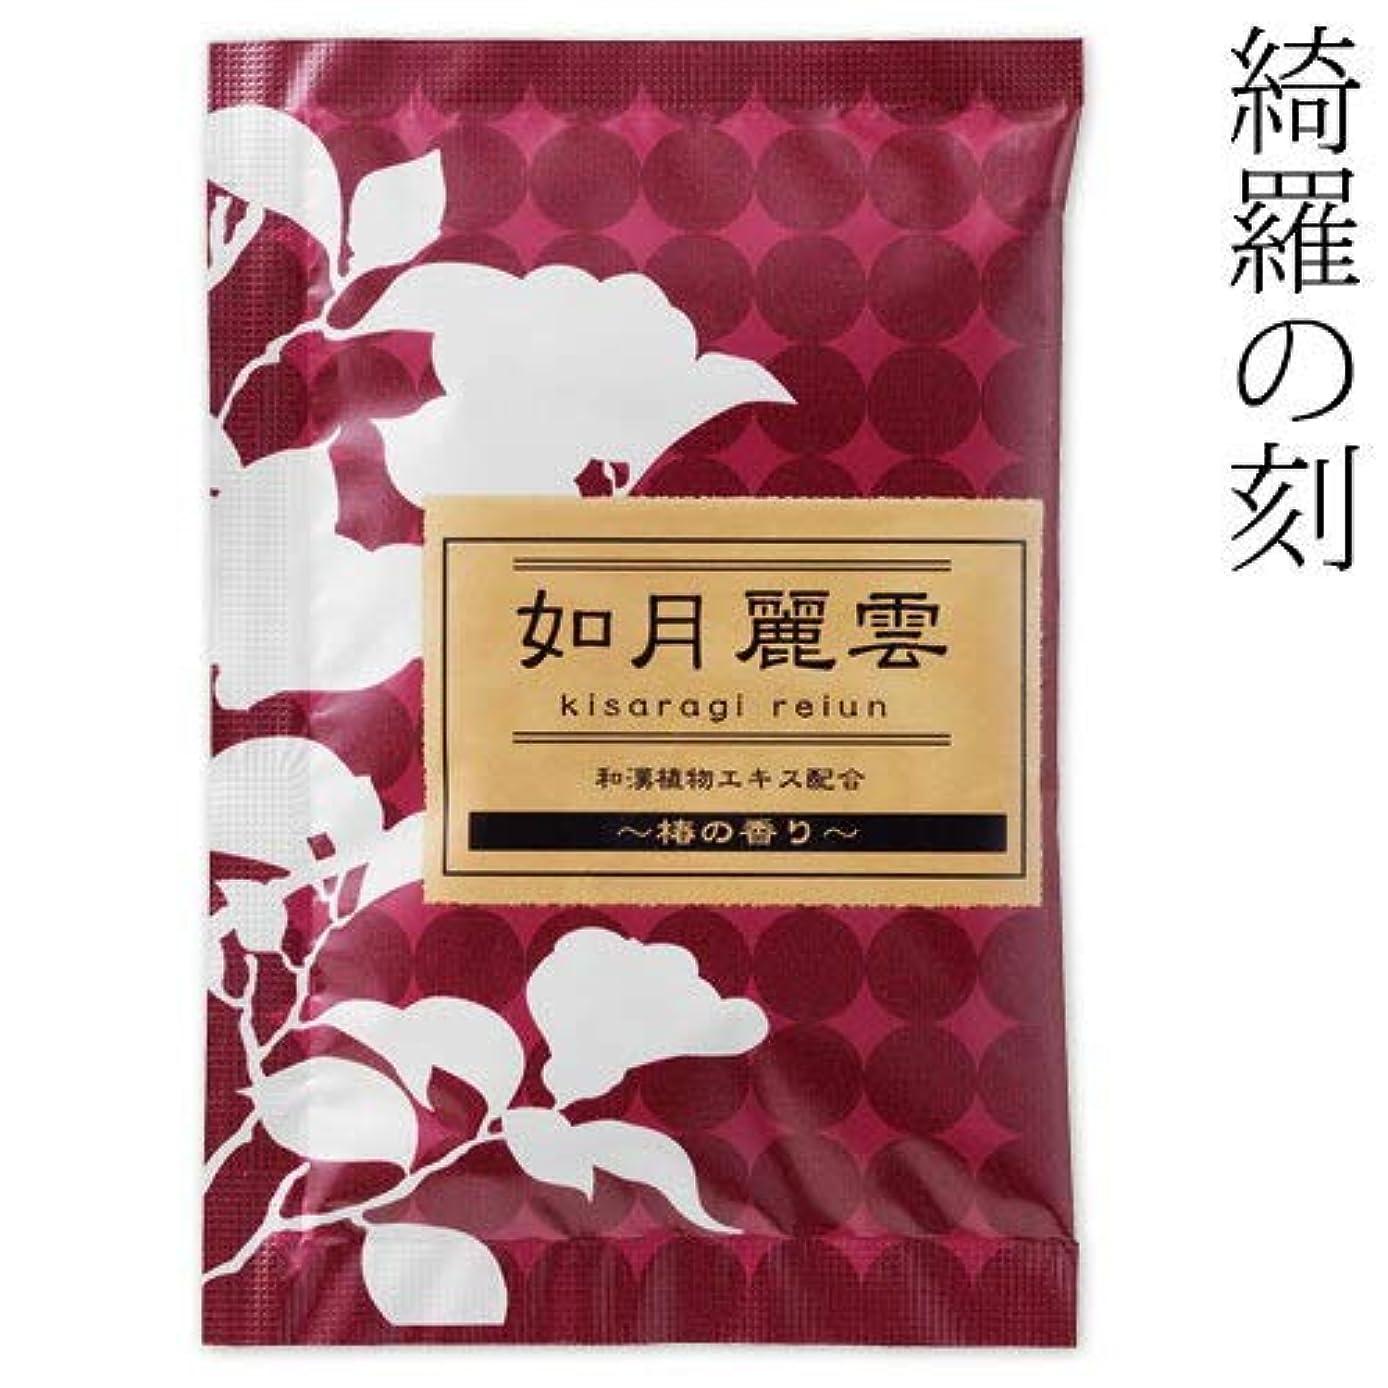 チェスをする説教権限入浴剤綺羅の刻椿の香り如月麗雲1包石川県のお風呂グッズBath additive, Ishikawa craft